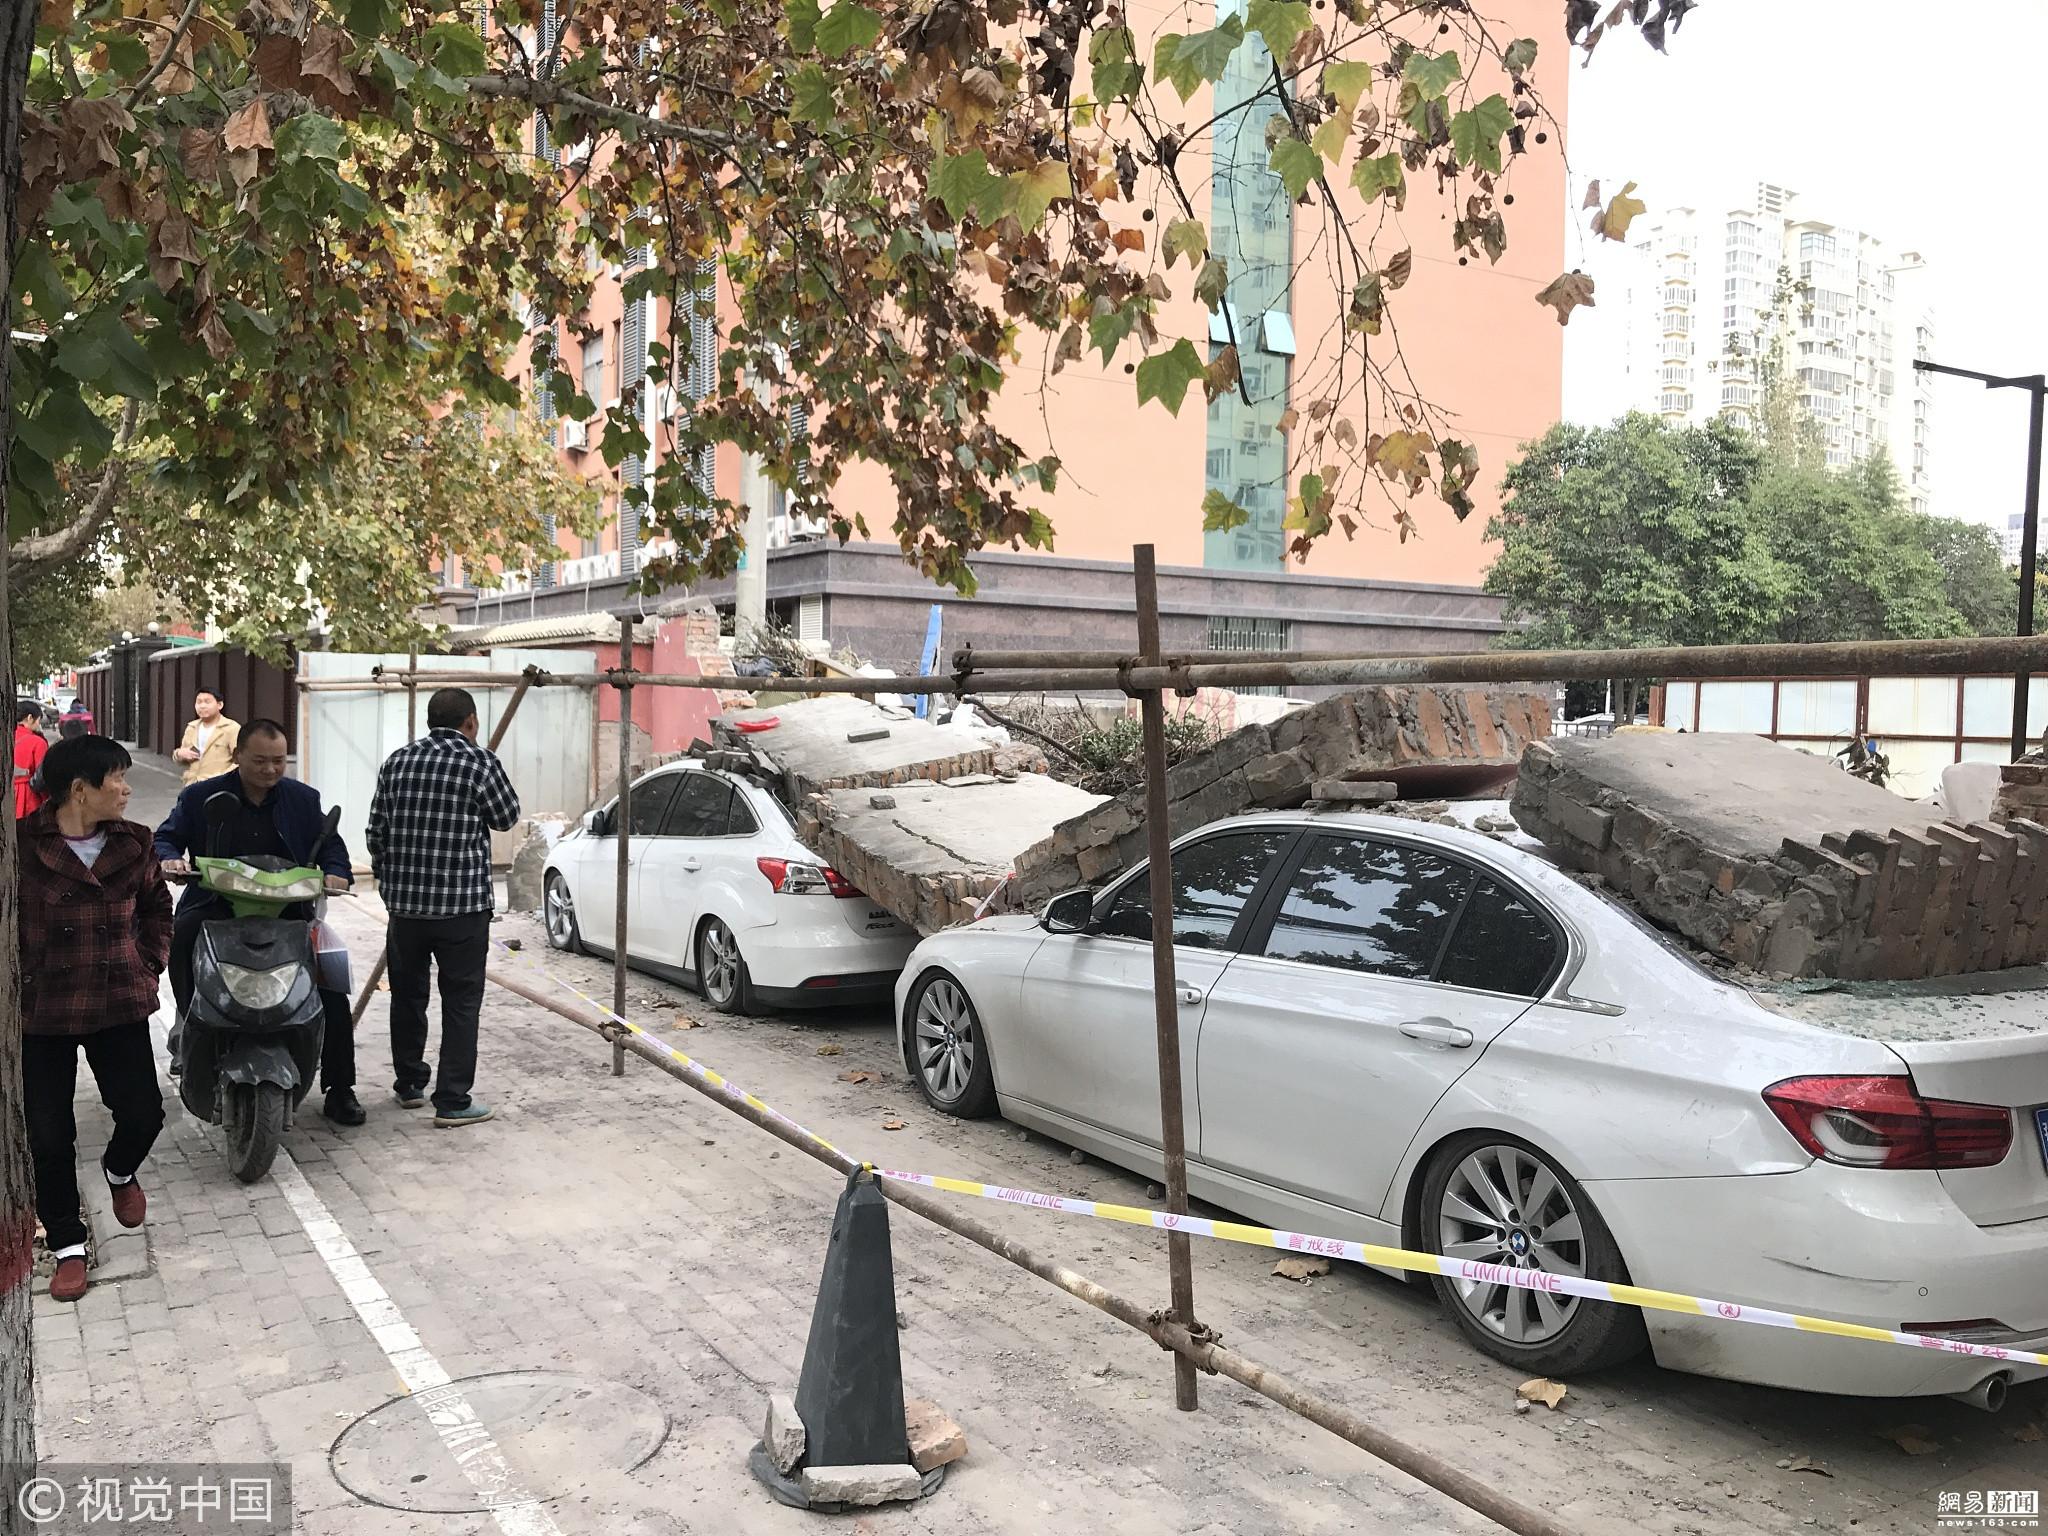 垃圾清运车撞倒围墙 三辆小轿车遭殃 - 周公乐 - xinhua8848 的博客